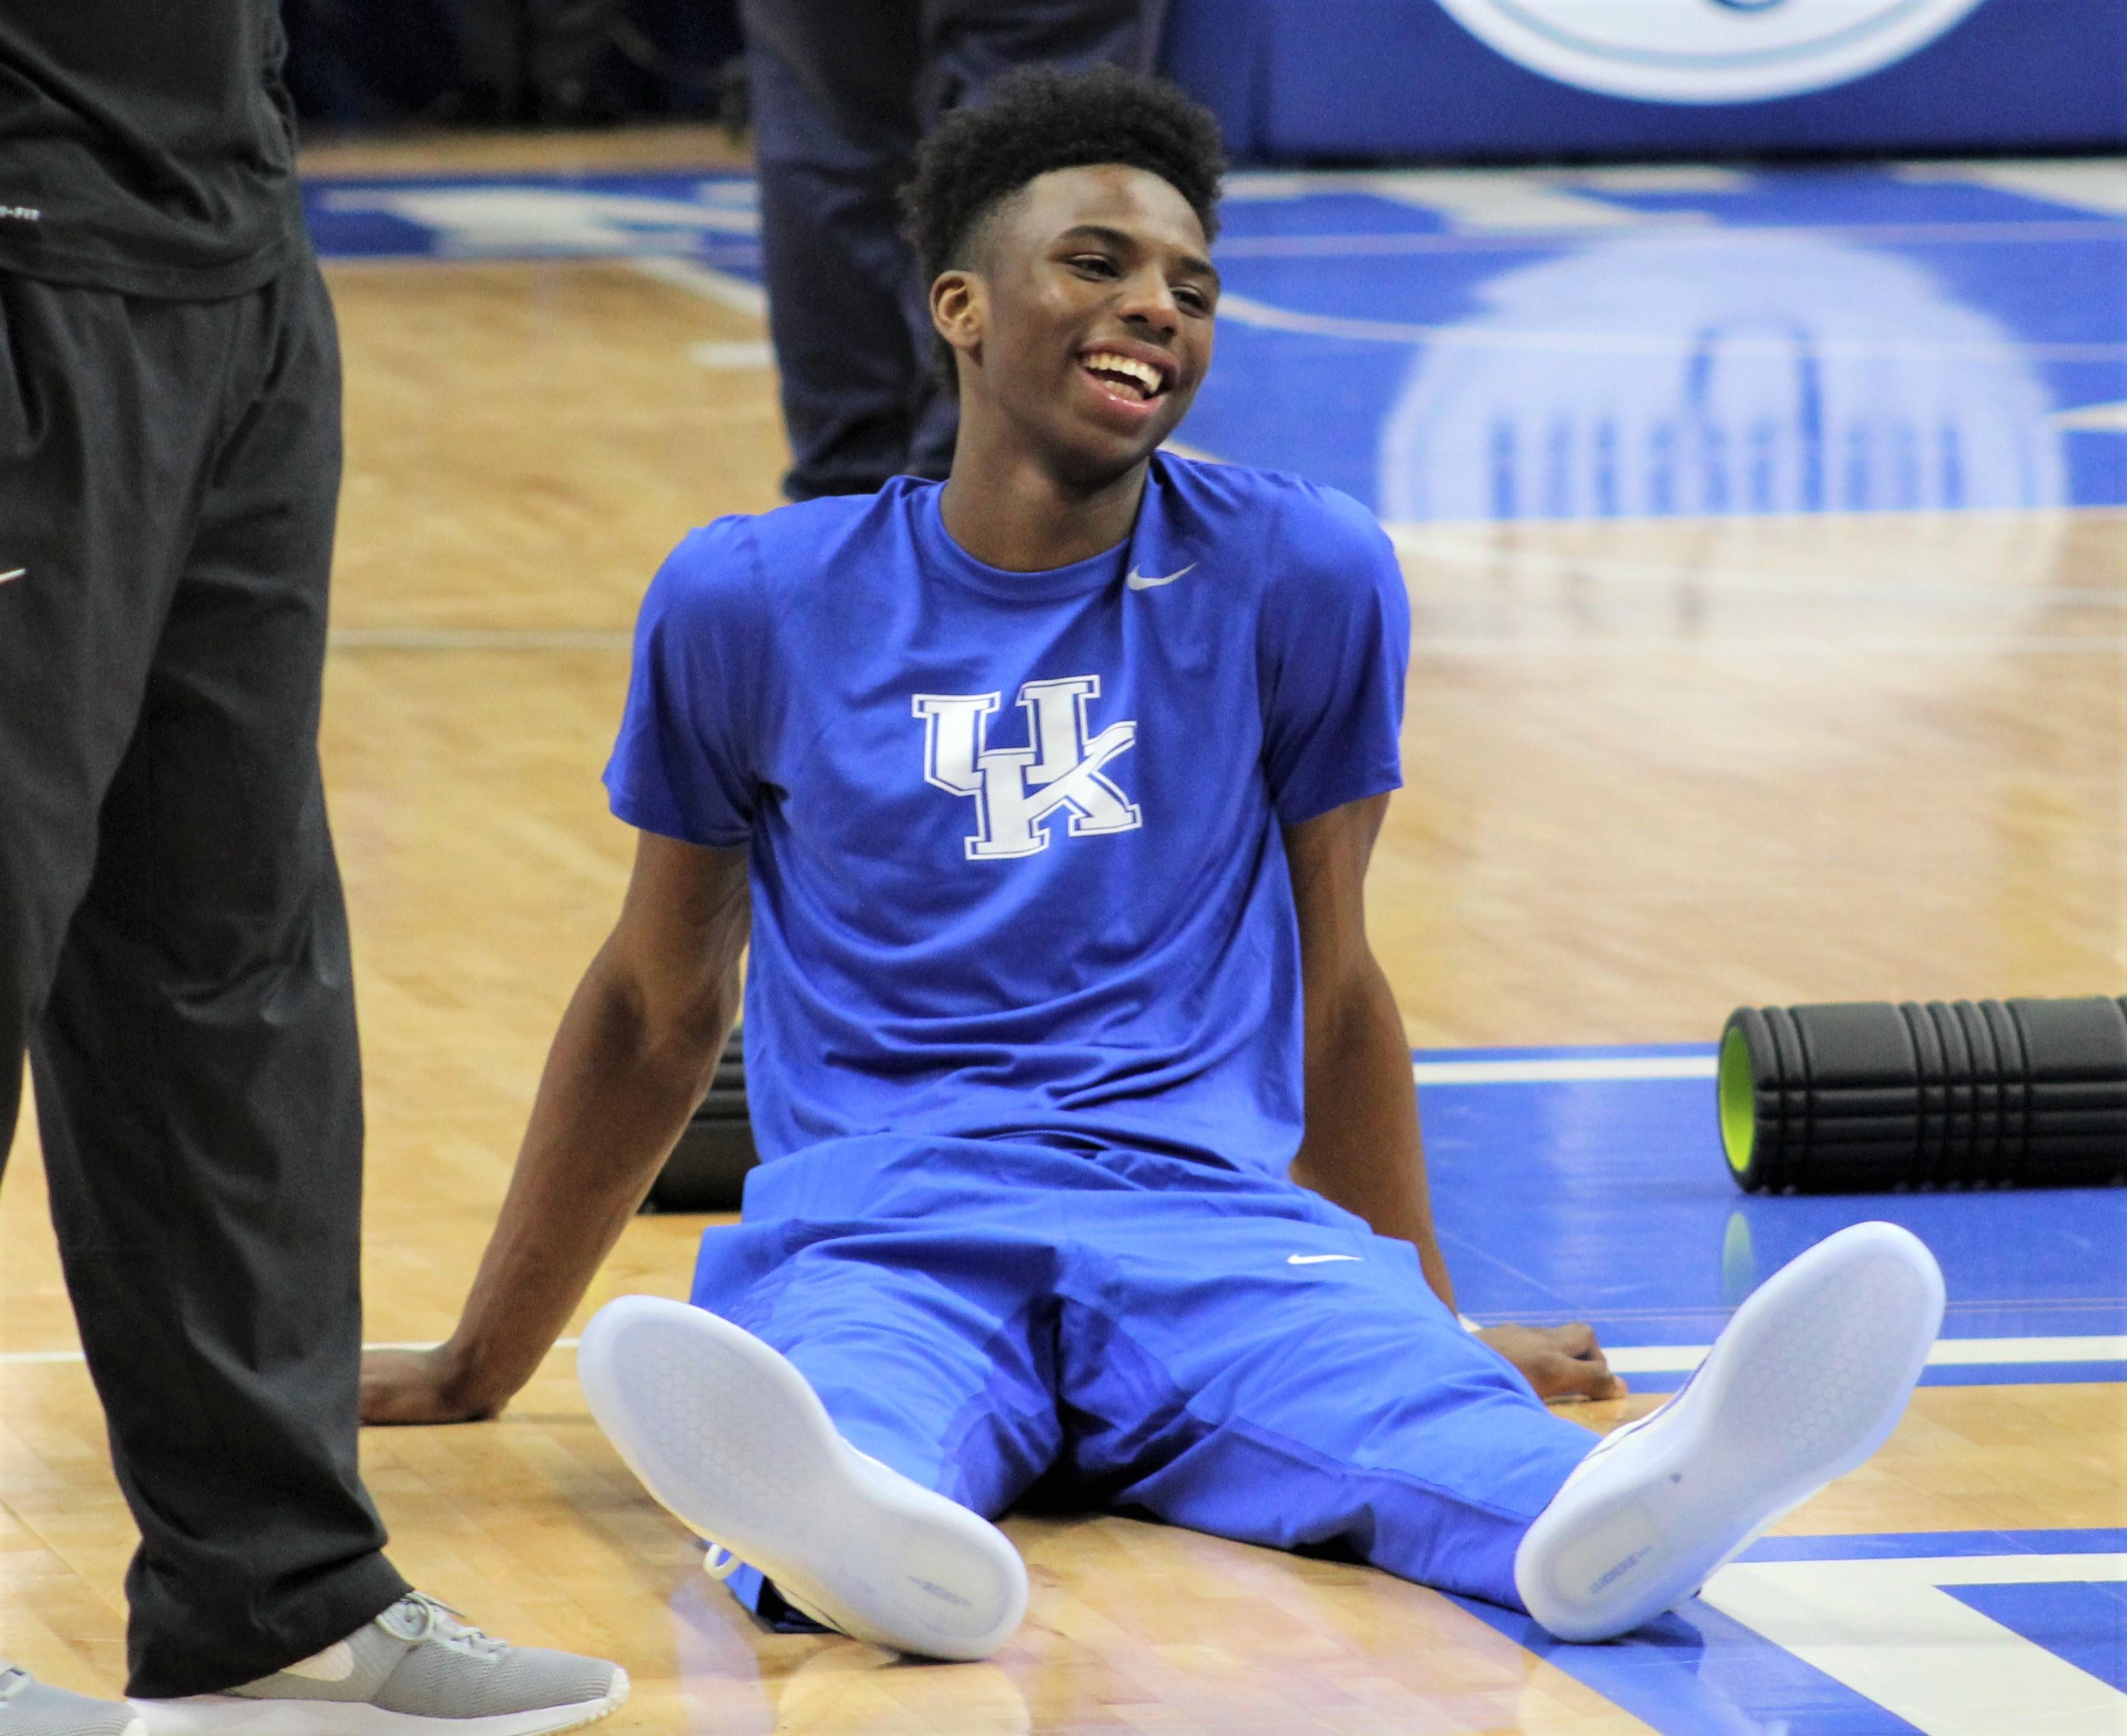 Uk Basketball: Kentucky Wildcats Basketball Recruiting 2018 Class Update